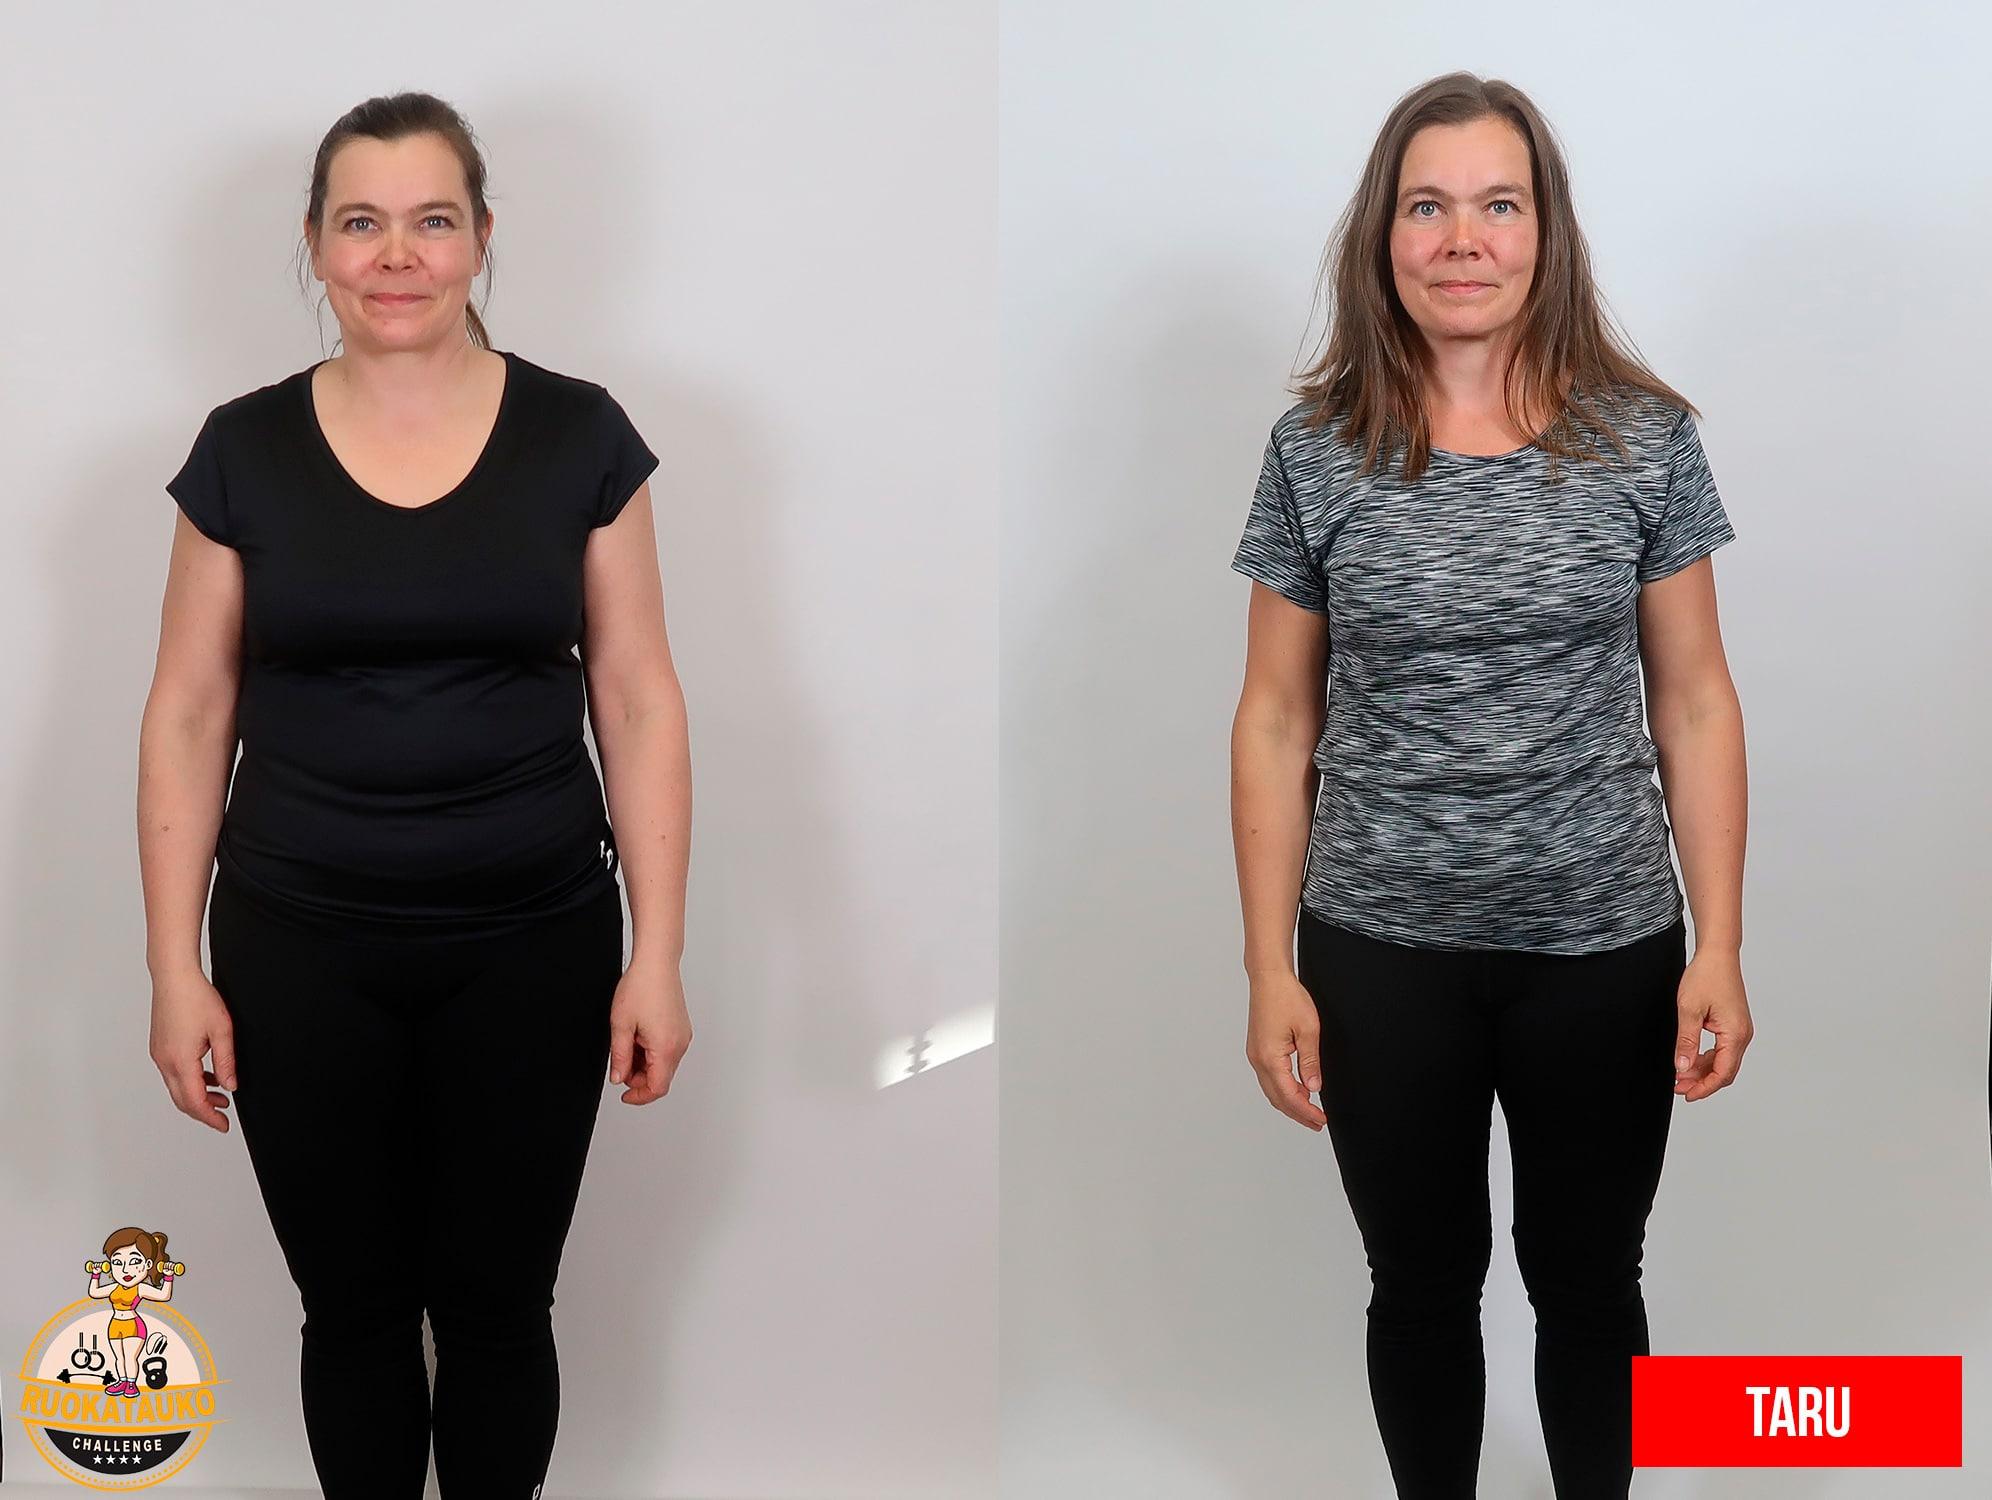 nainen edestä ennen ja jälkeen painonpudotus